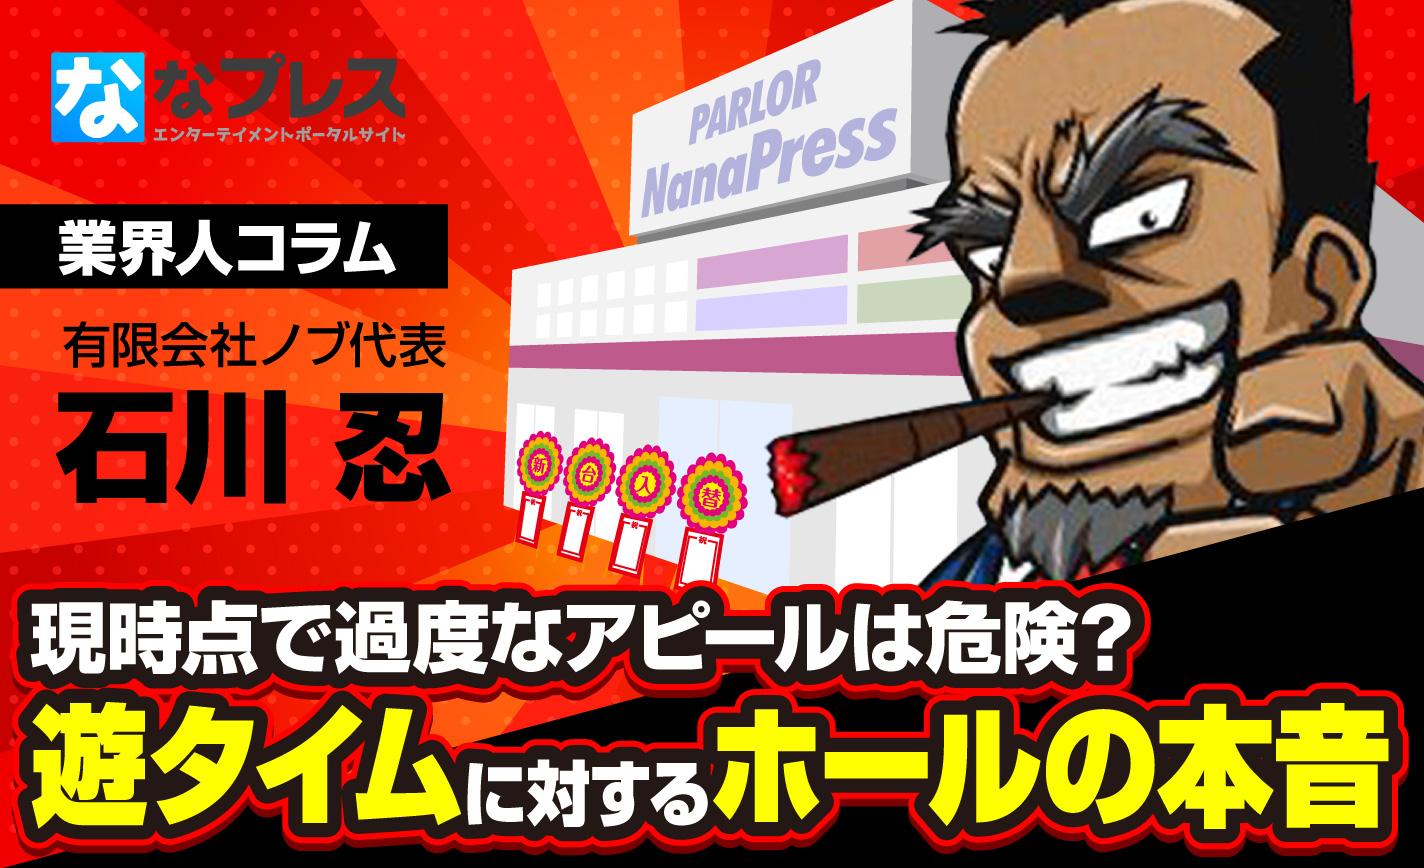 遊タイム機のラムクリアは今後もしない!遊タイムに対するホール側の本音とは? eyecatch-image